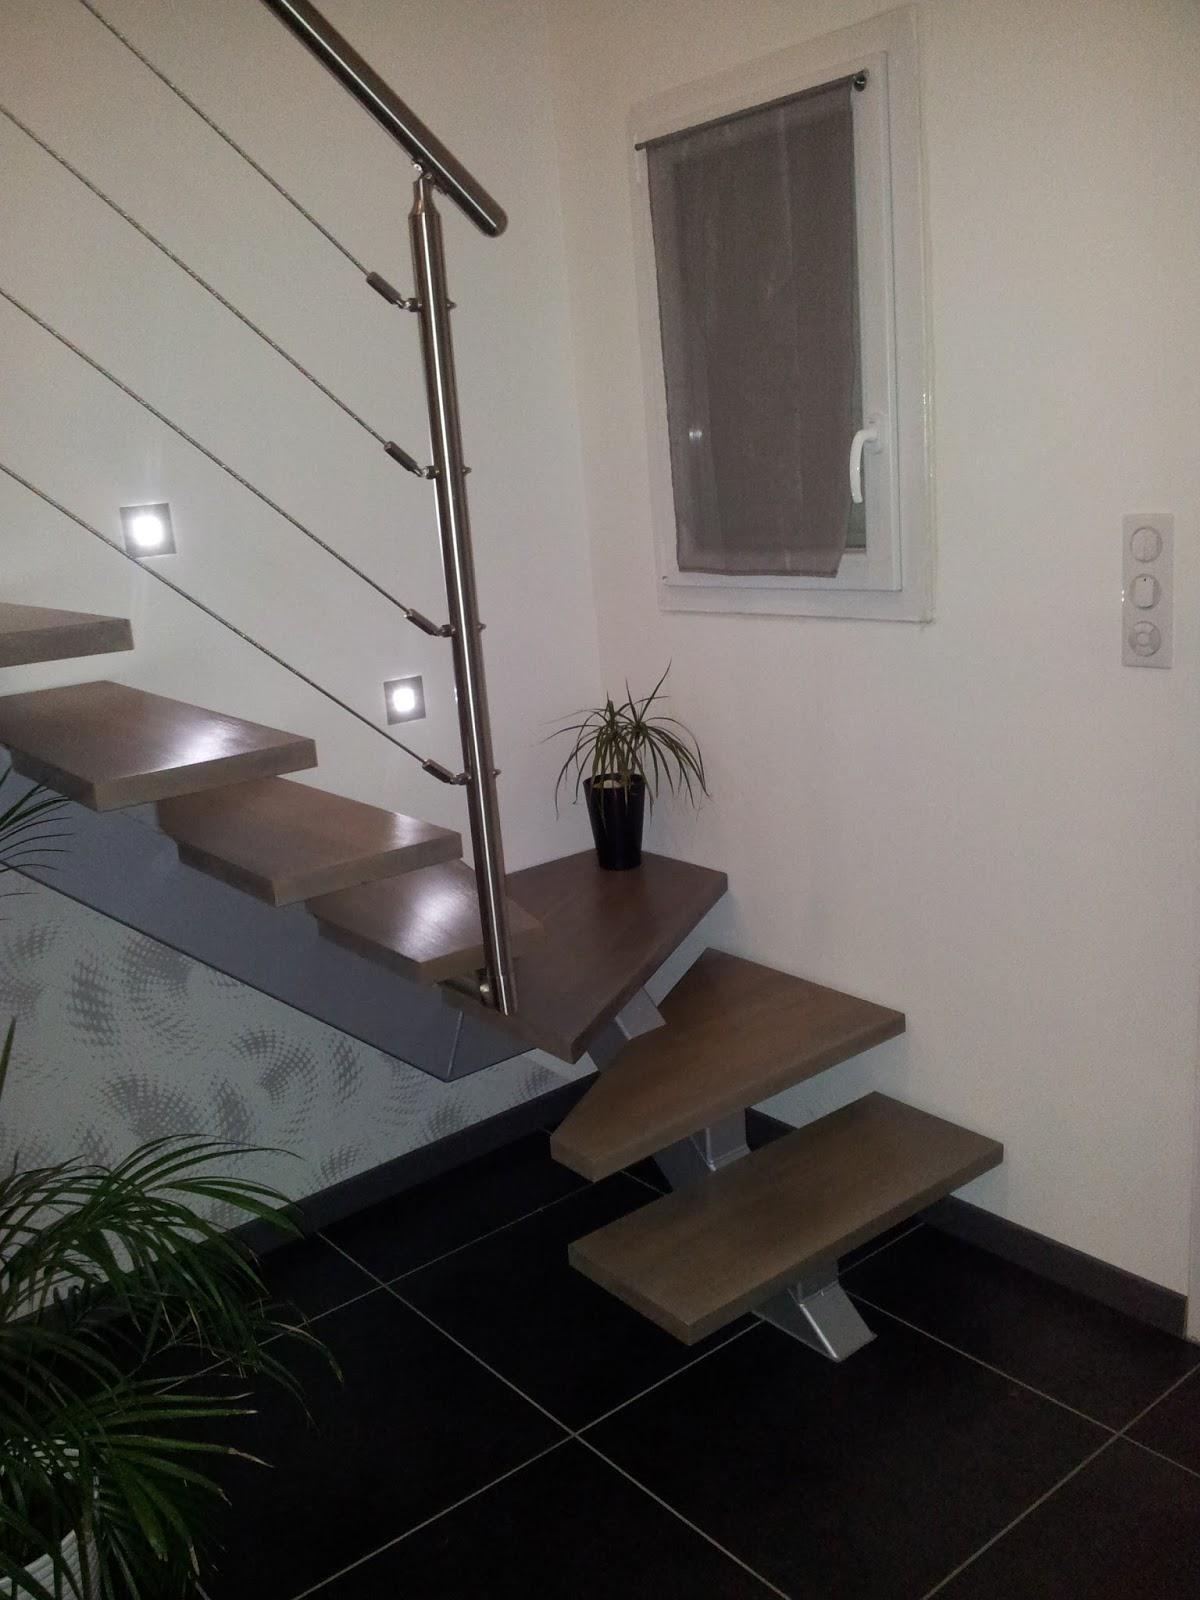 Escalier Interieur Inox